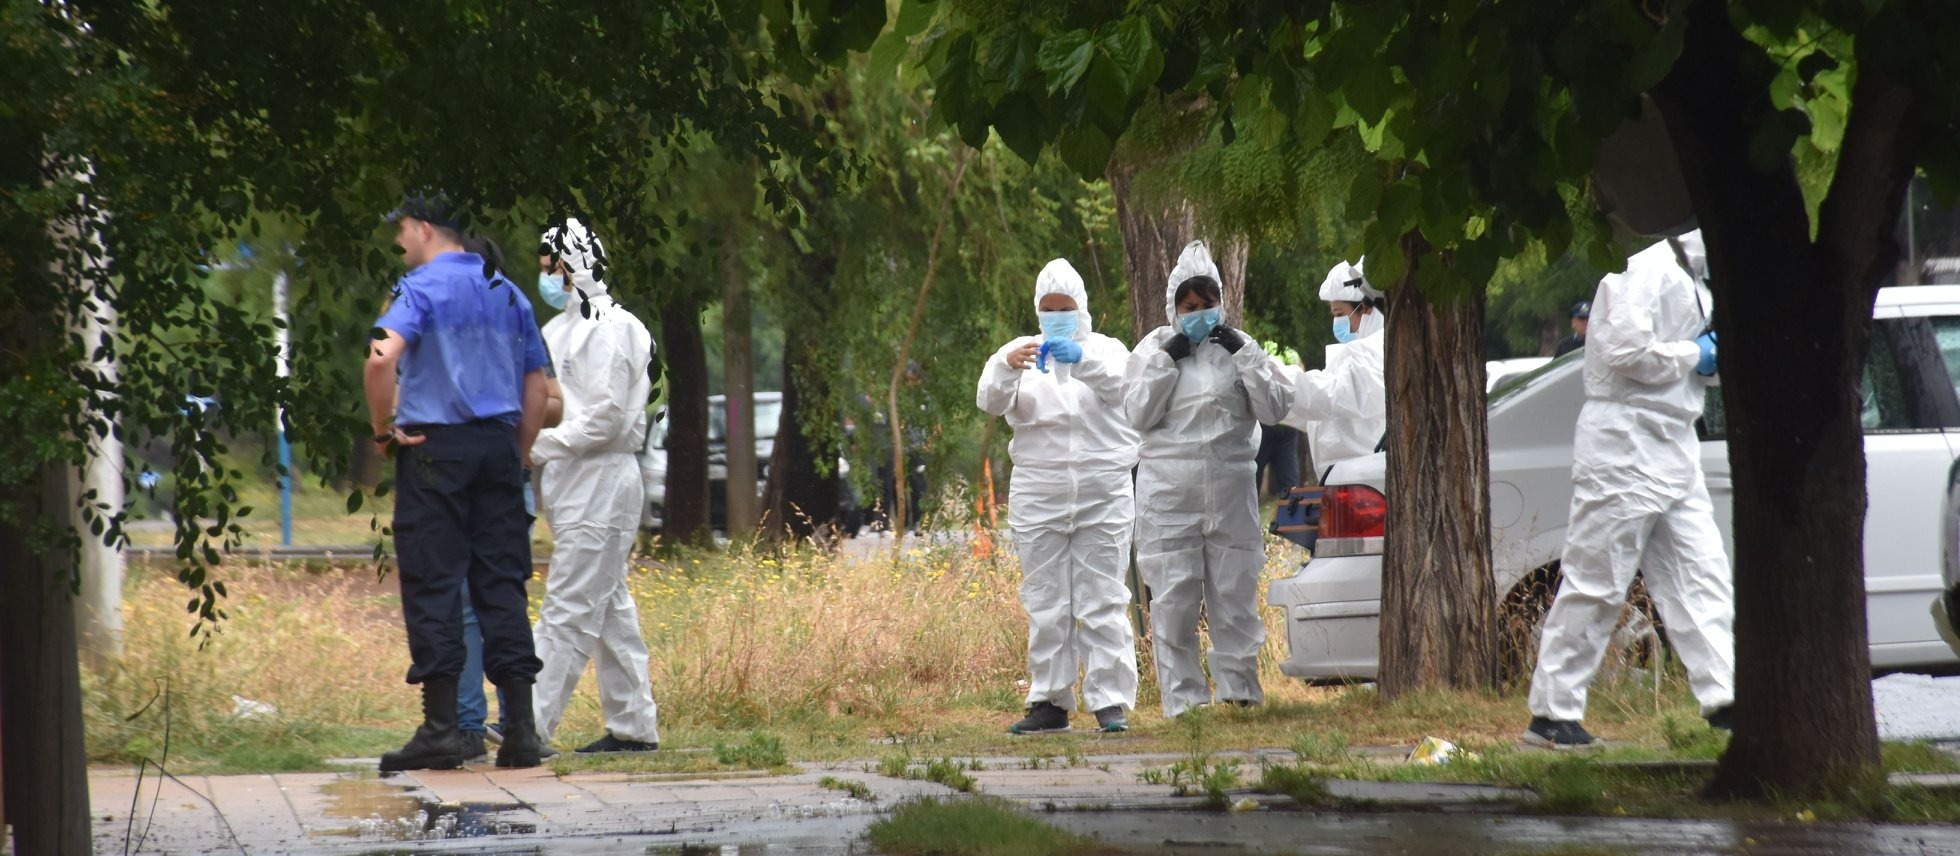 Rancul: Desde el ámbito judicial confirman que mataron a la persona hallada y habría otra en iguales circunstancias muy grave